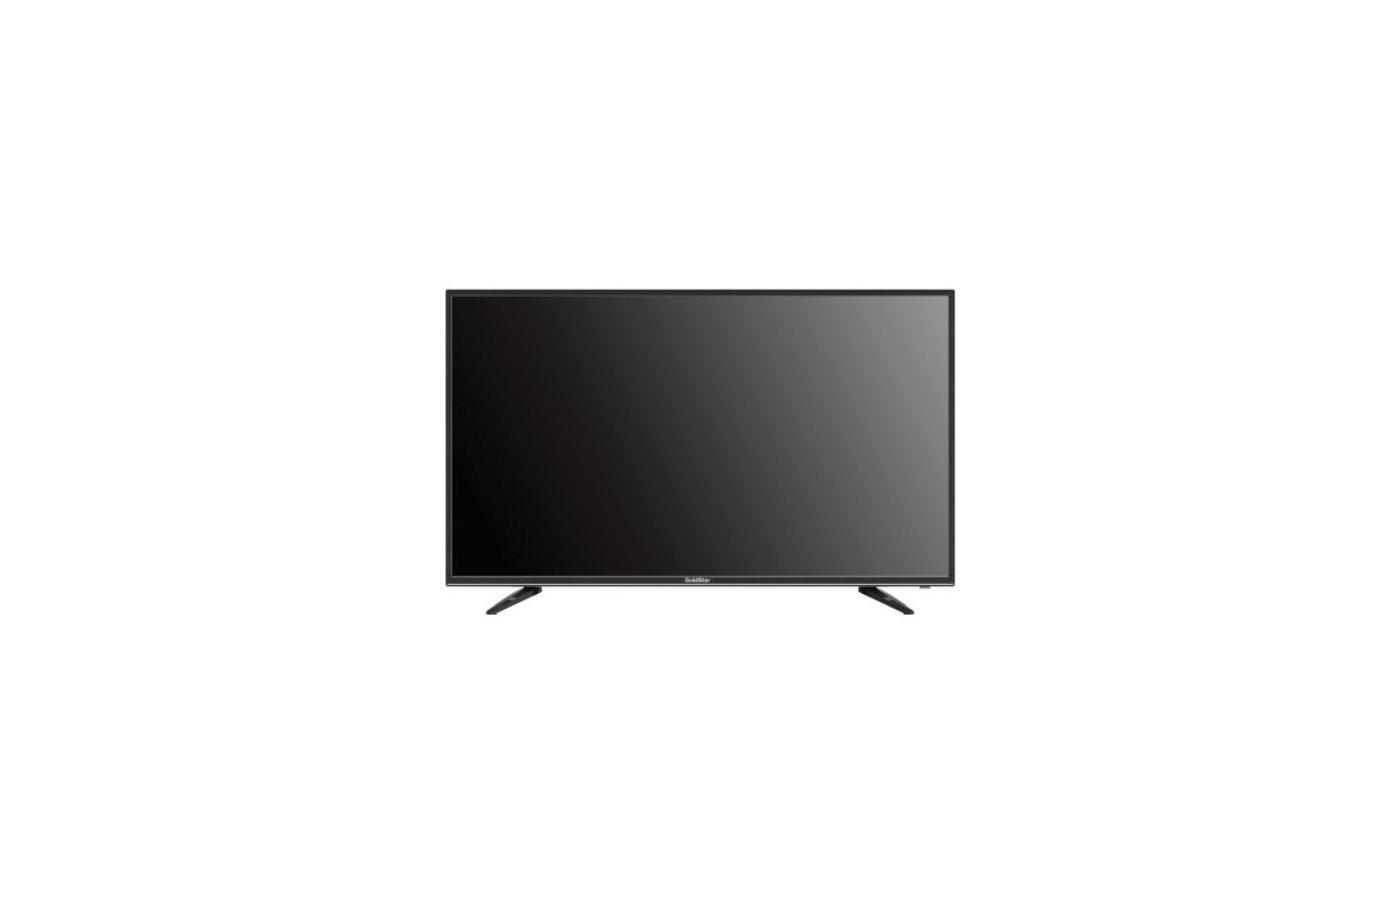 LED телевизор GOLDSTAR LT-40T350F